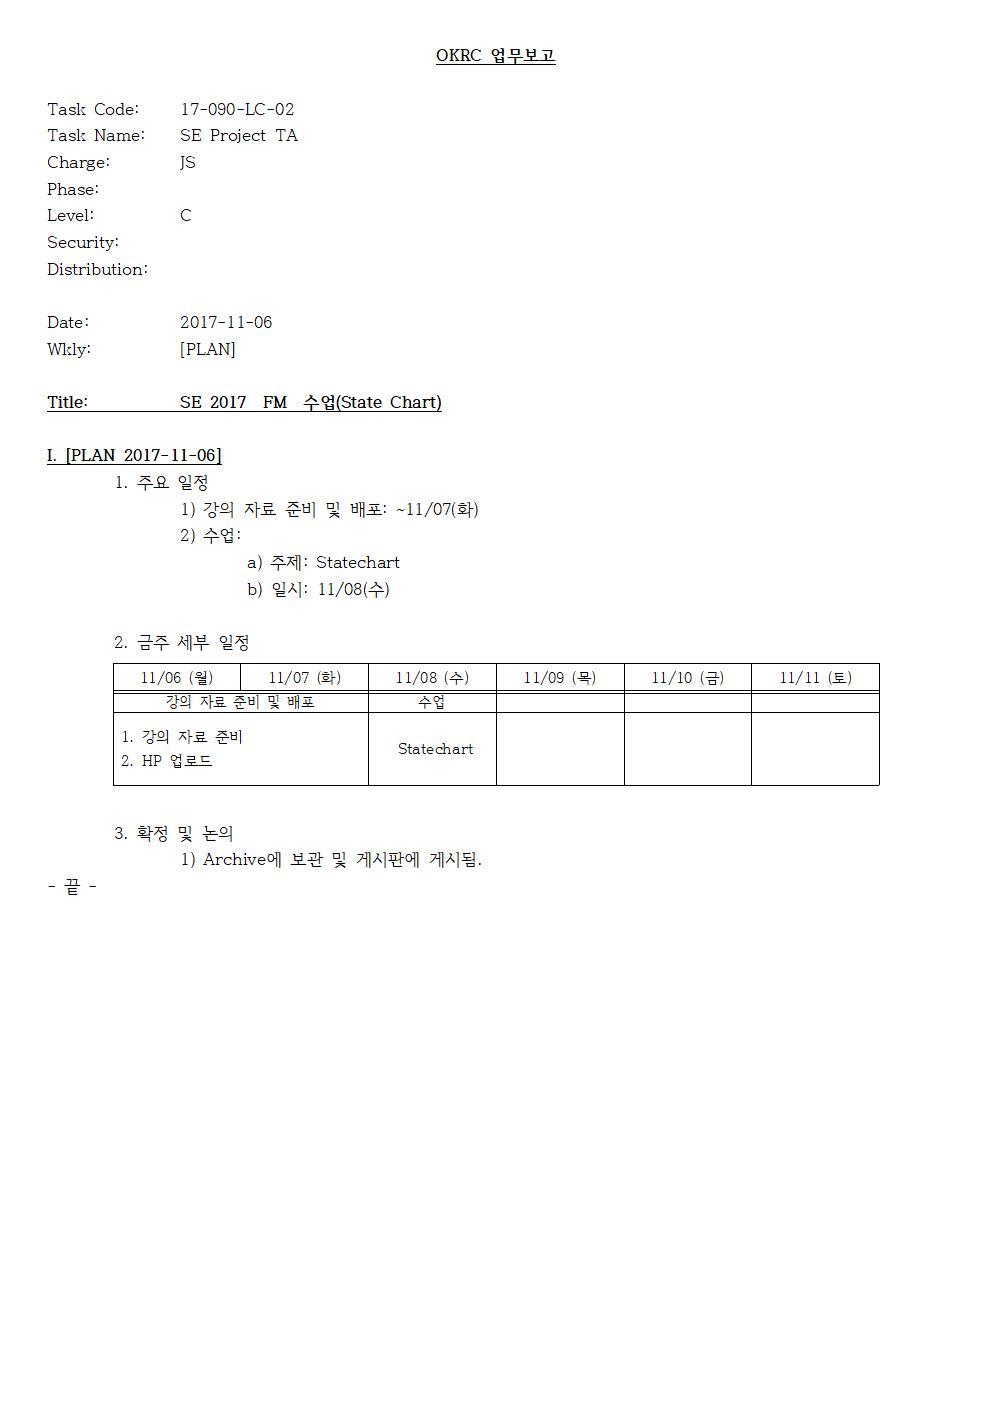 D-[17-090-LC-02]-[SE2017-TA]-[JS]-[2017-11-06]-[PLAN]001.jpg